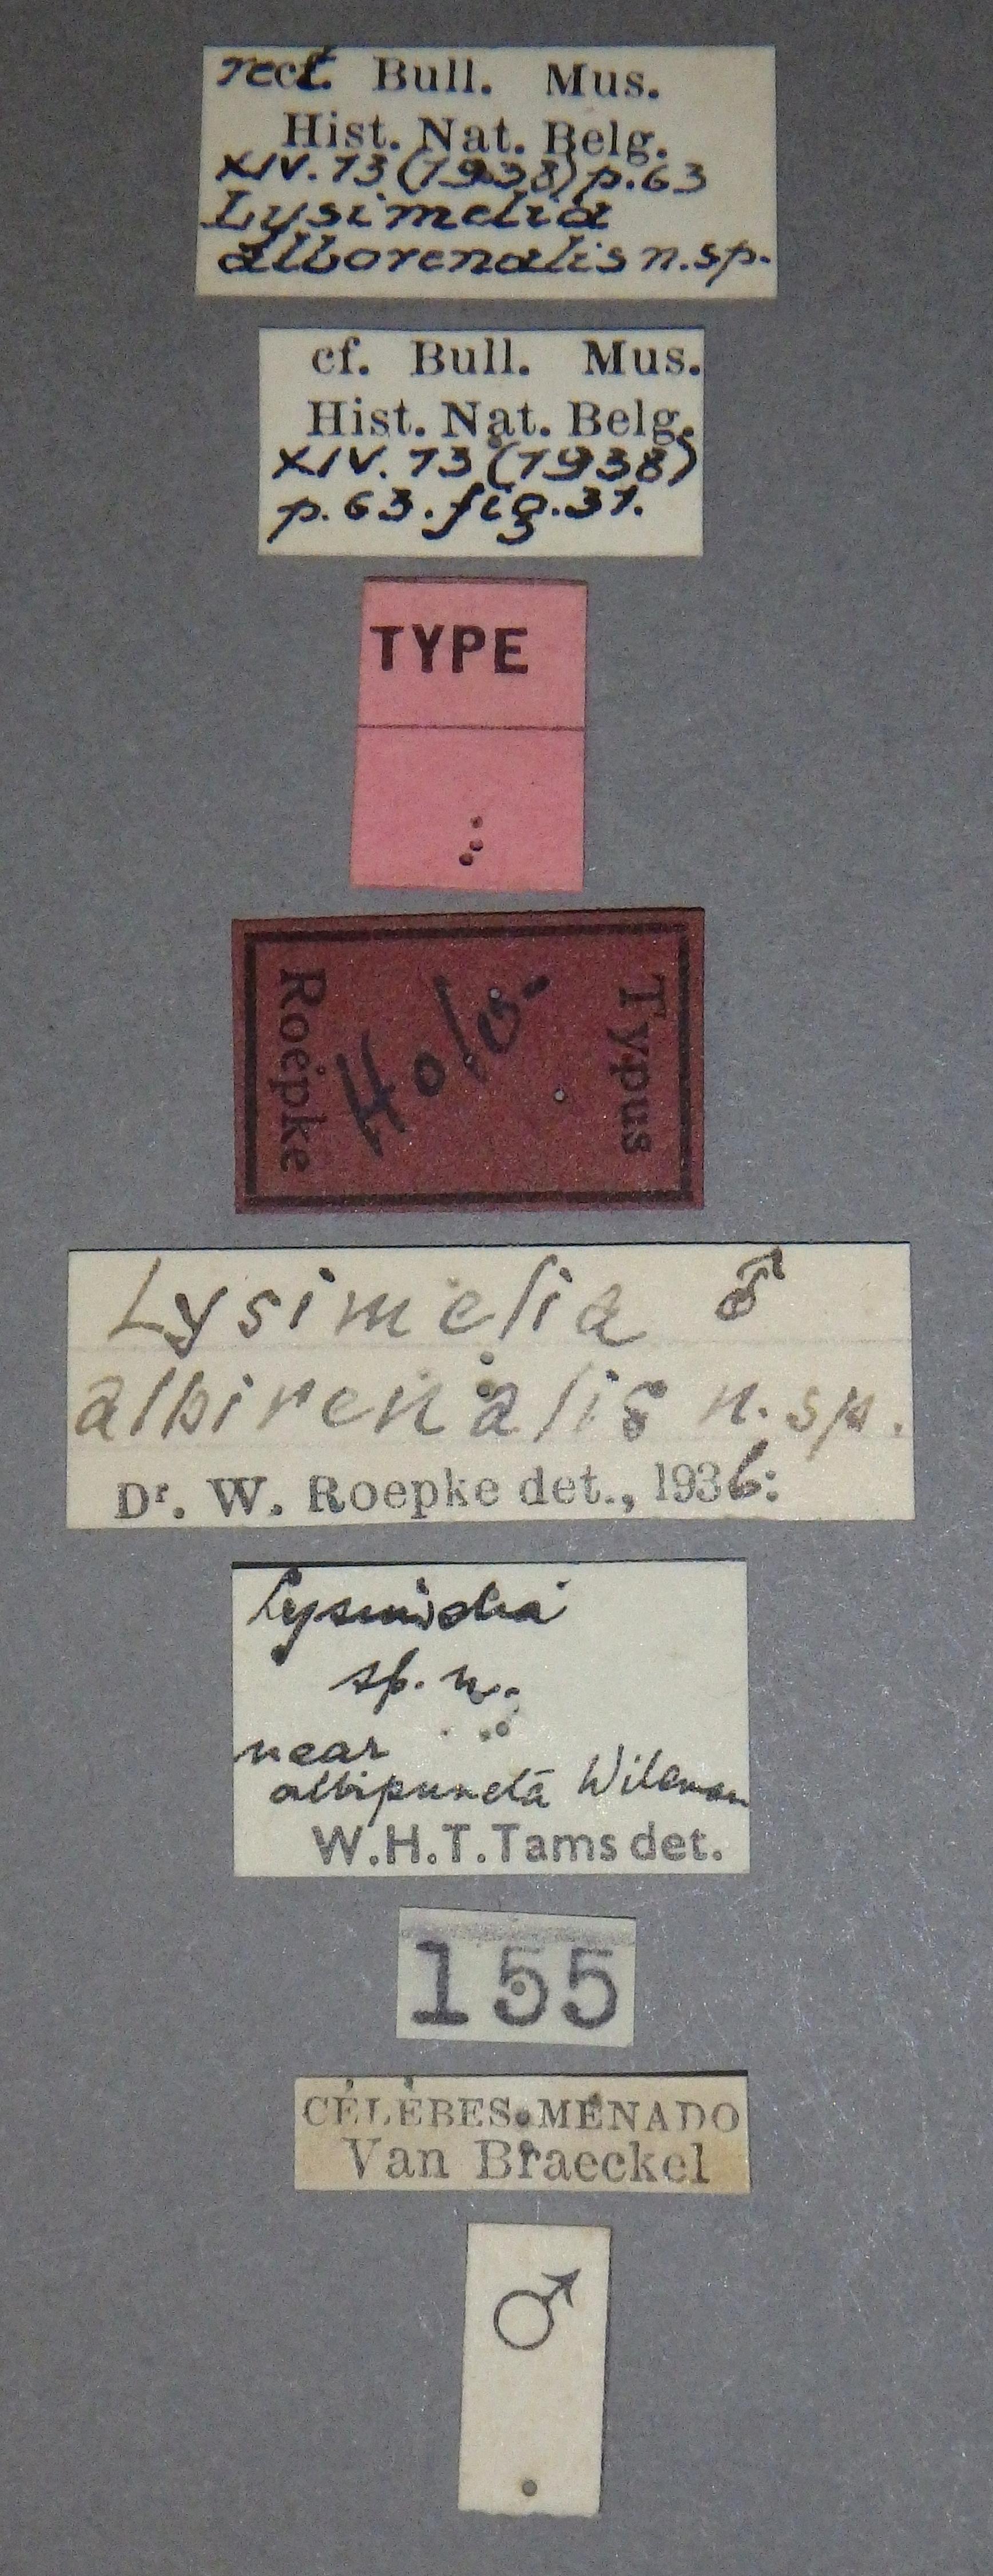 Lysimelia alborenalis ht M Lb.JPG